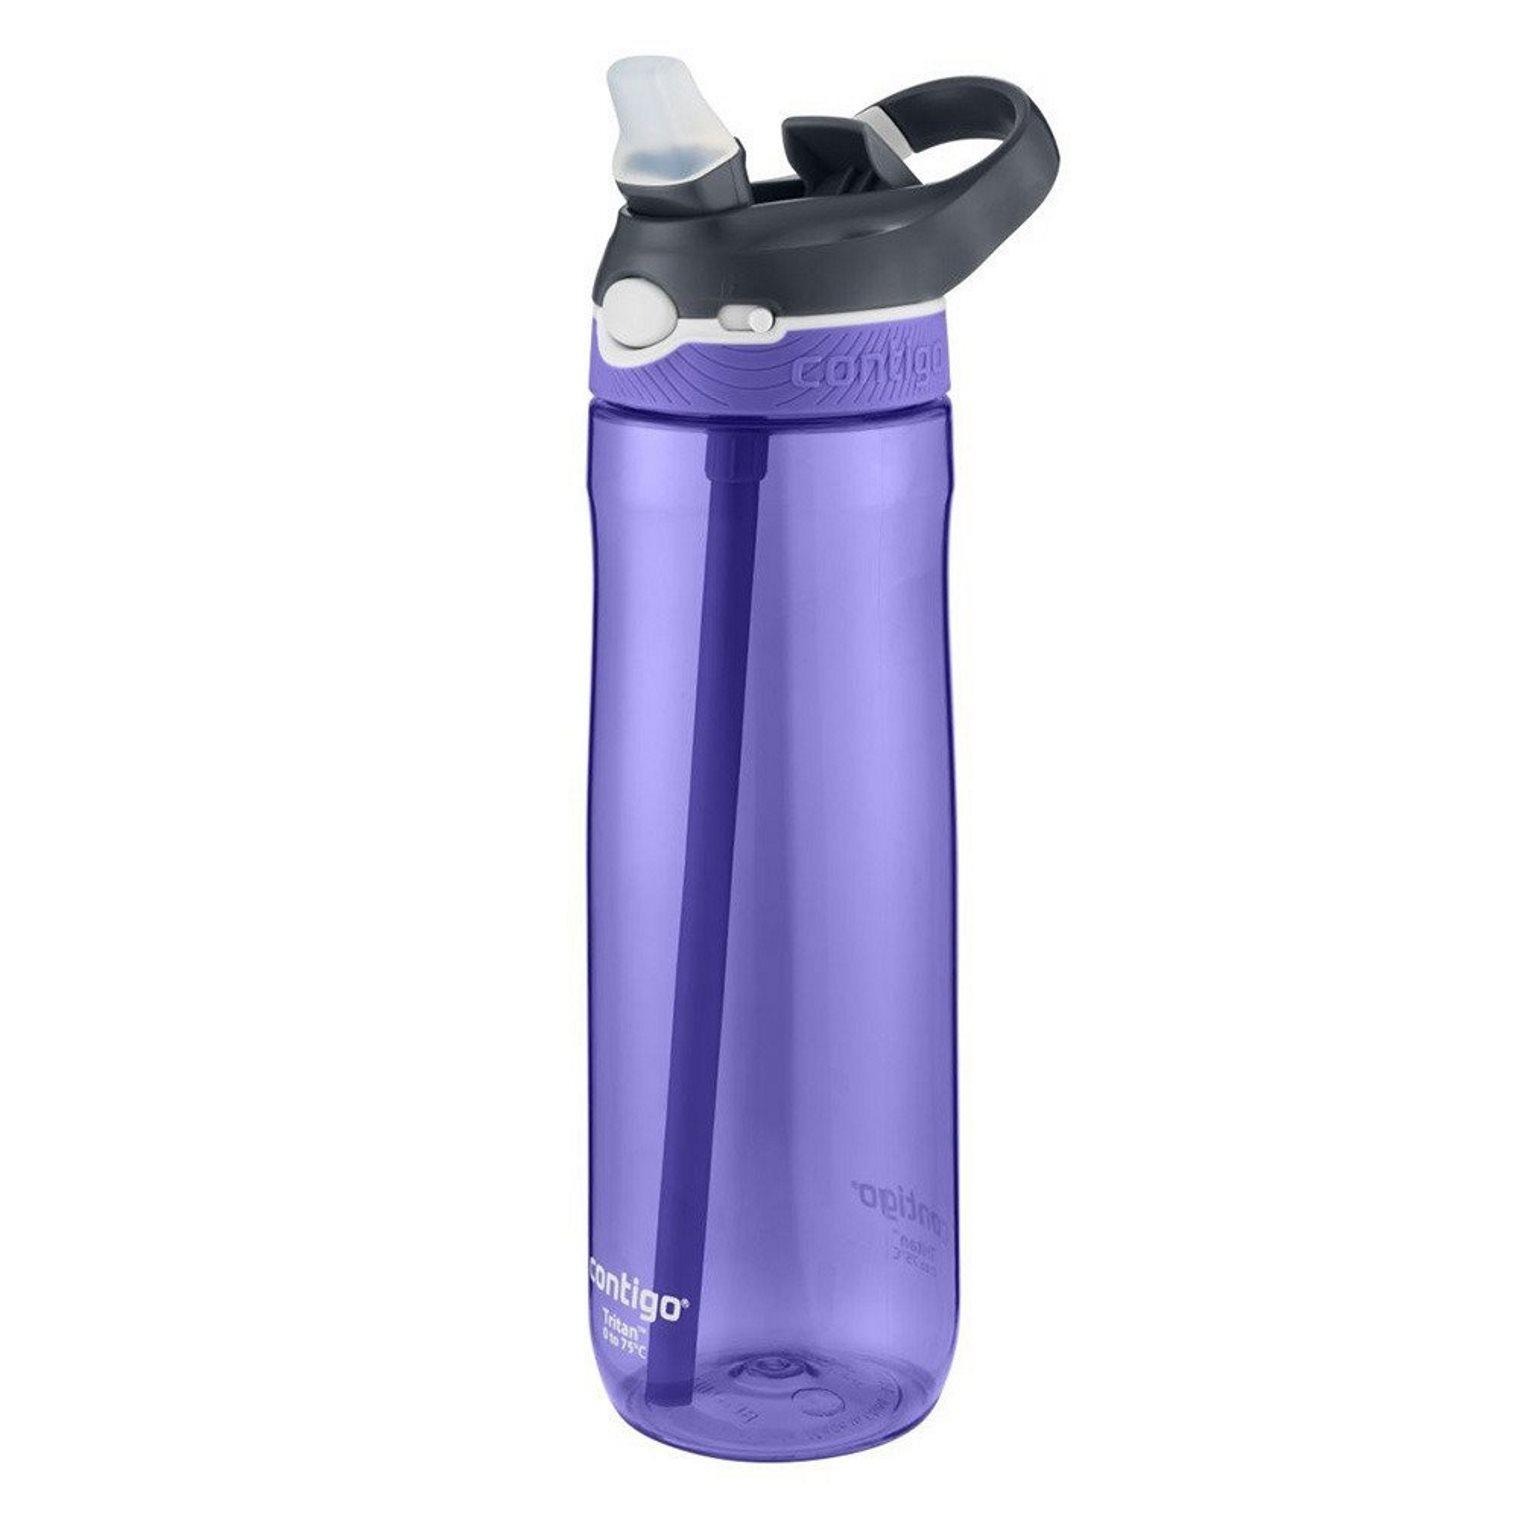 Онлайн каталог PROMENU: Бутылка спортивная Contigo ASHLAND Grapevine, объем 0,72 л, фиолетовый Contigo 2094942